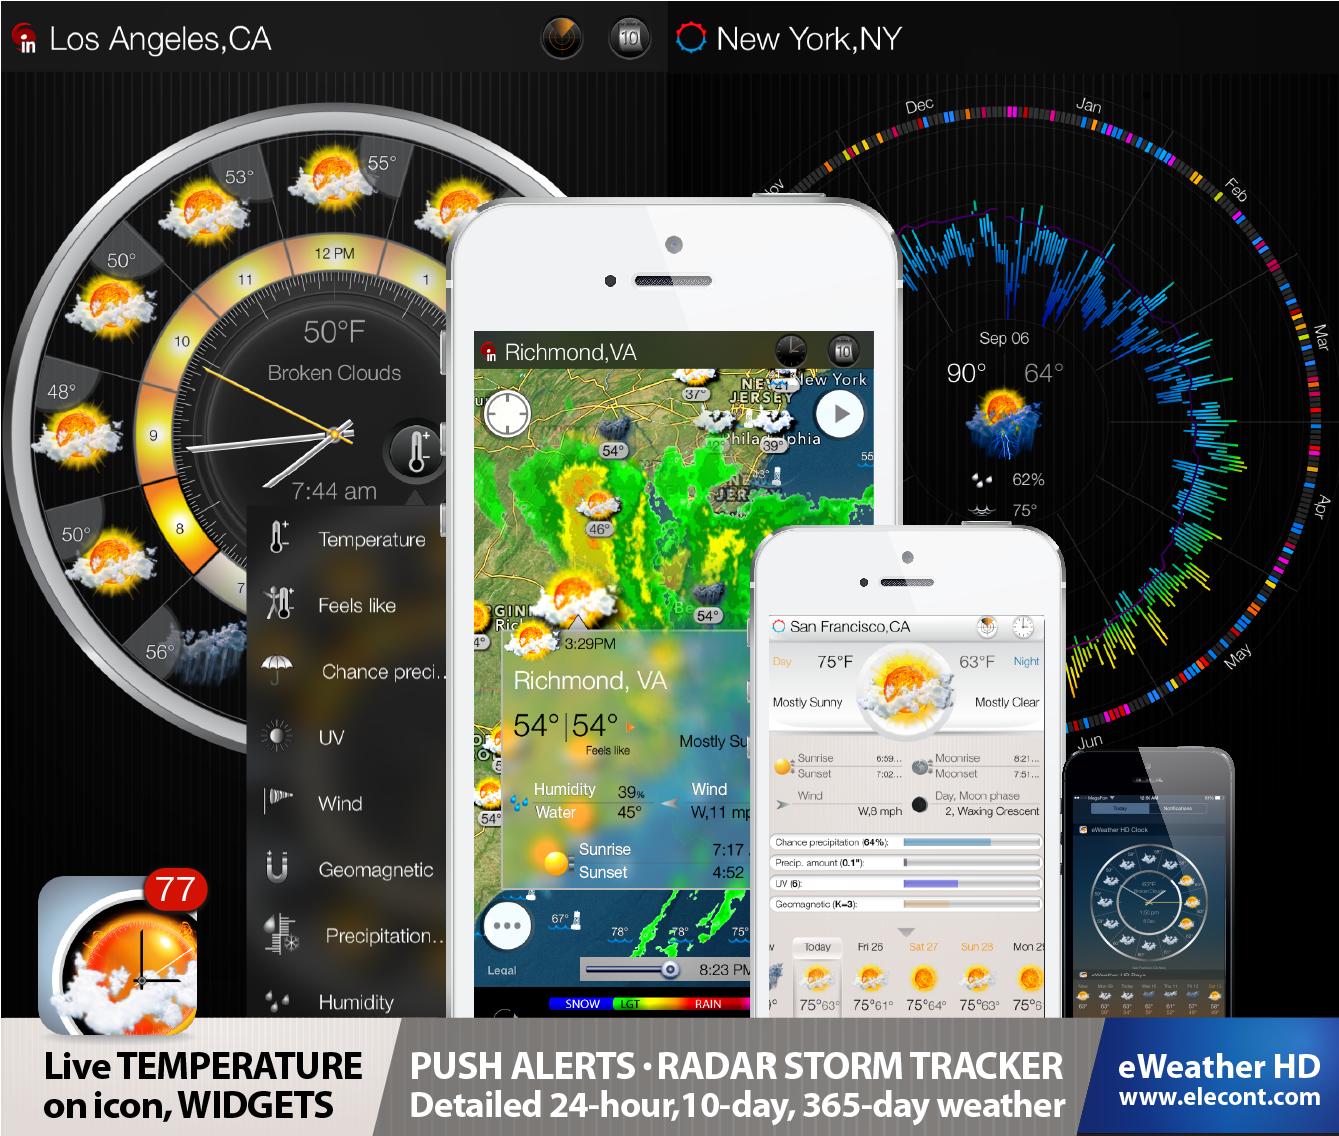 eWeather HD - прогноз погоды на море на месяц, на год, на 10 дней, программа для iphone и ipad